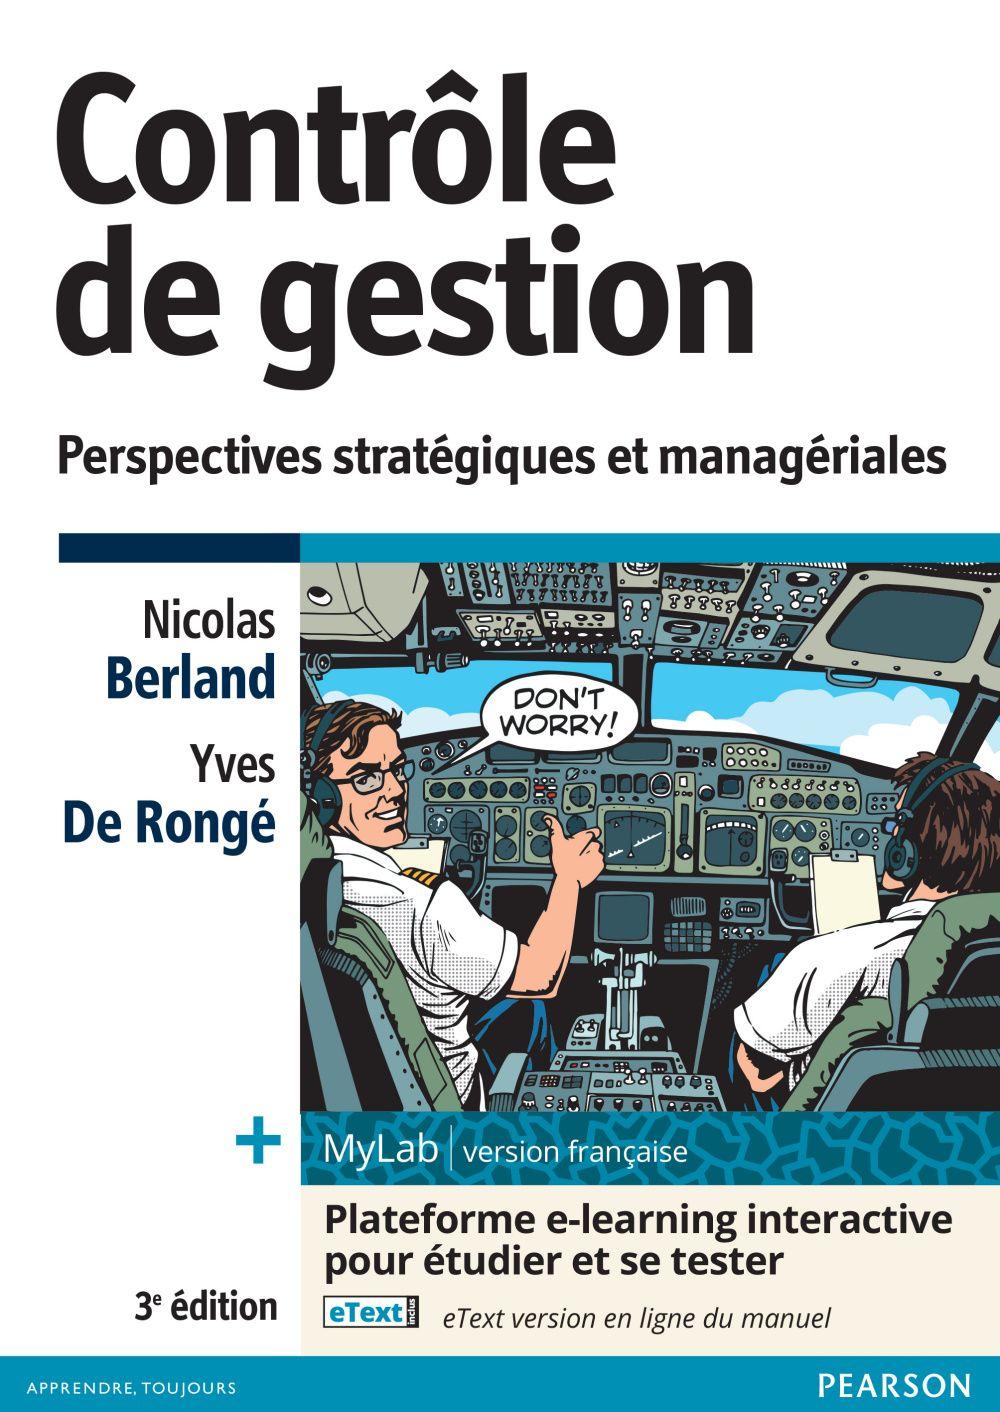 Controle De Gestion Perspectives Strategiques Et Manageriales Dirige Par Nicolas Berland Yves De Ronge Http Bib Uclouvain Be O Finance Memes Pearson